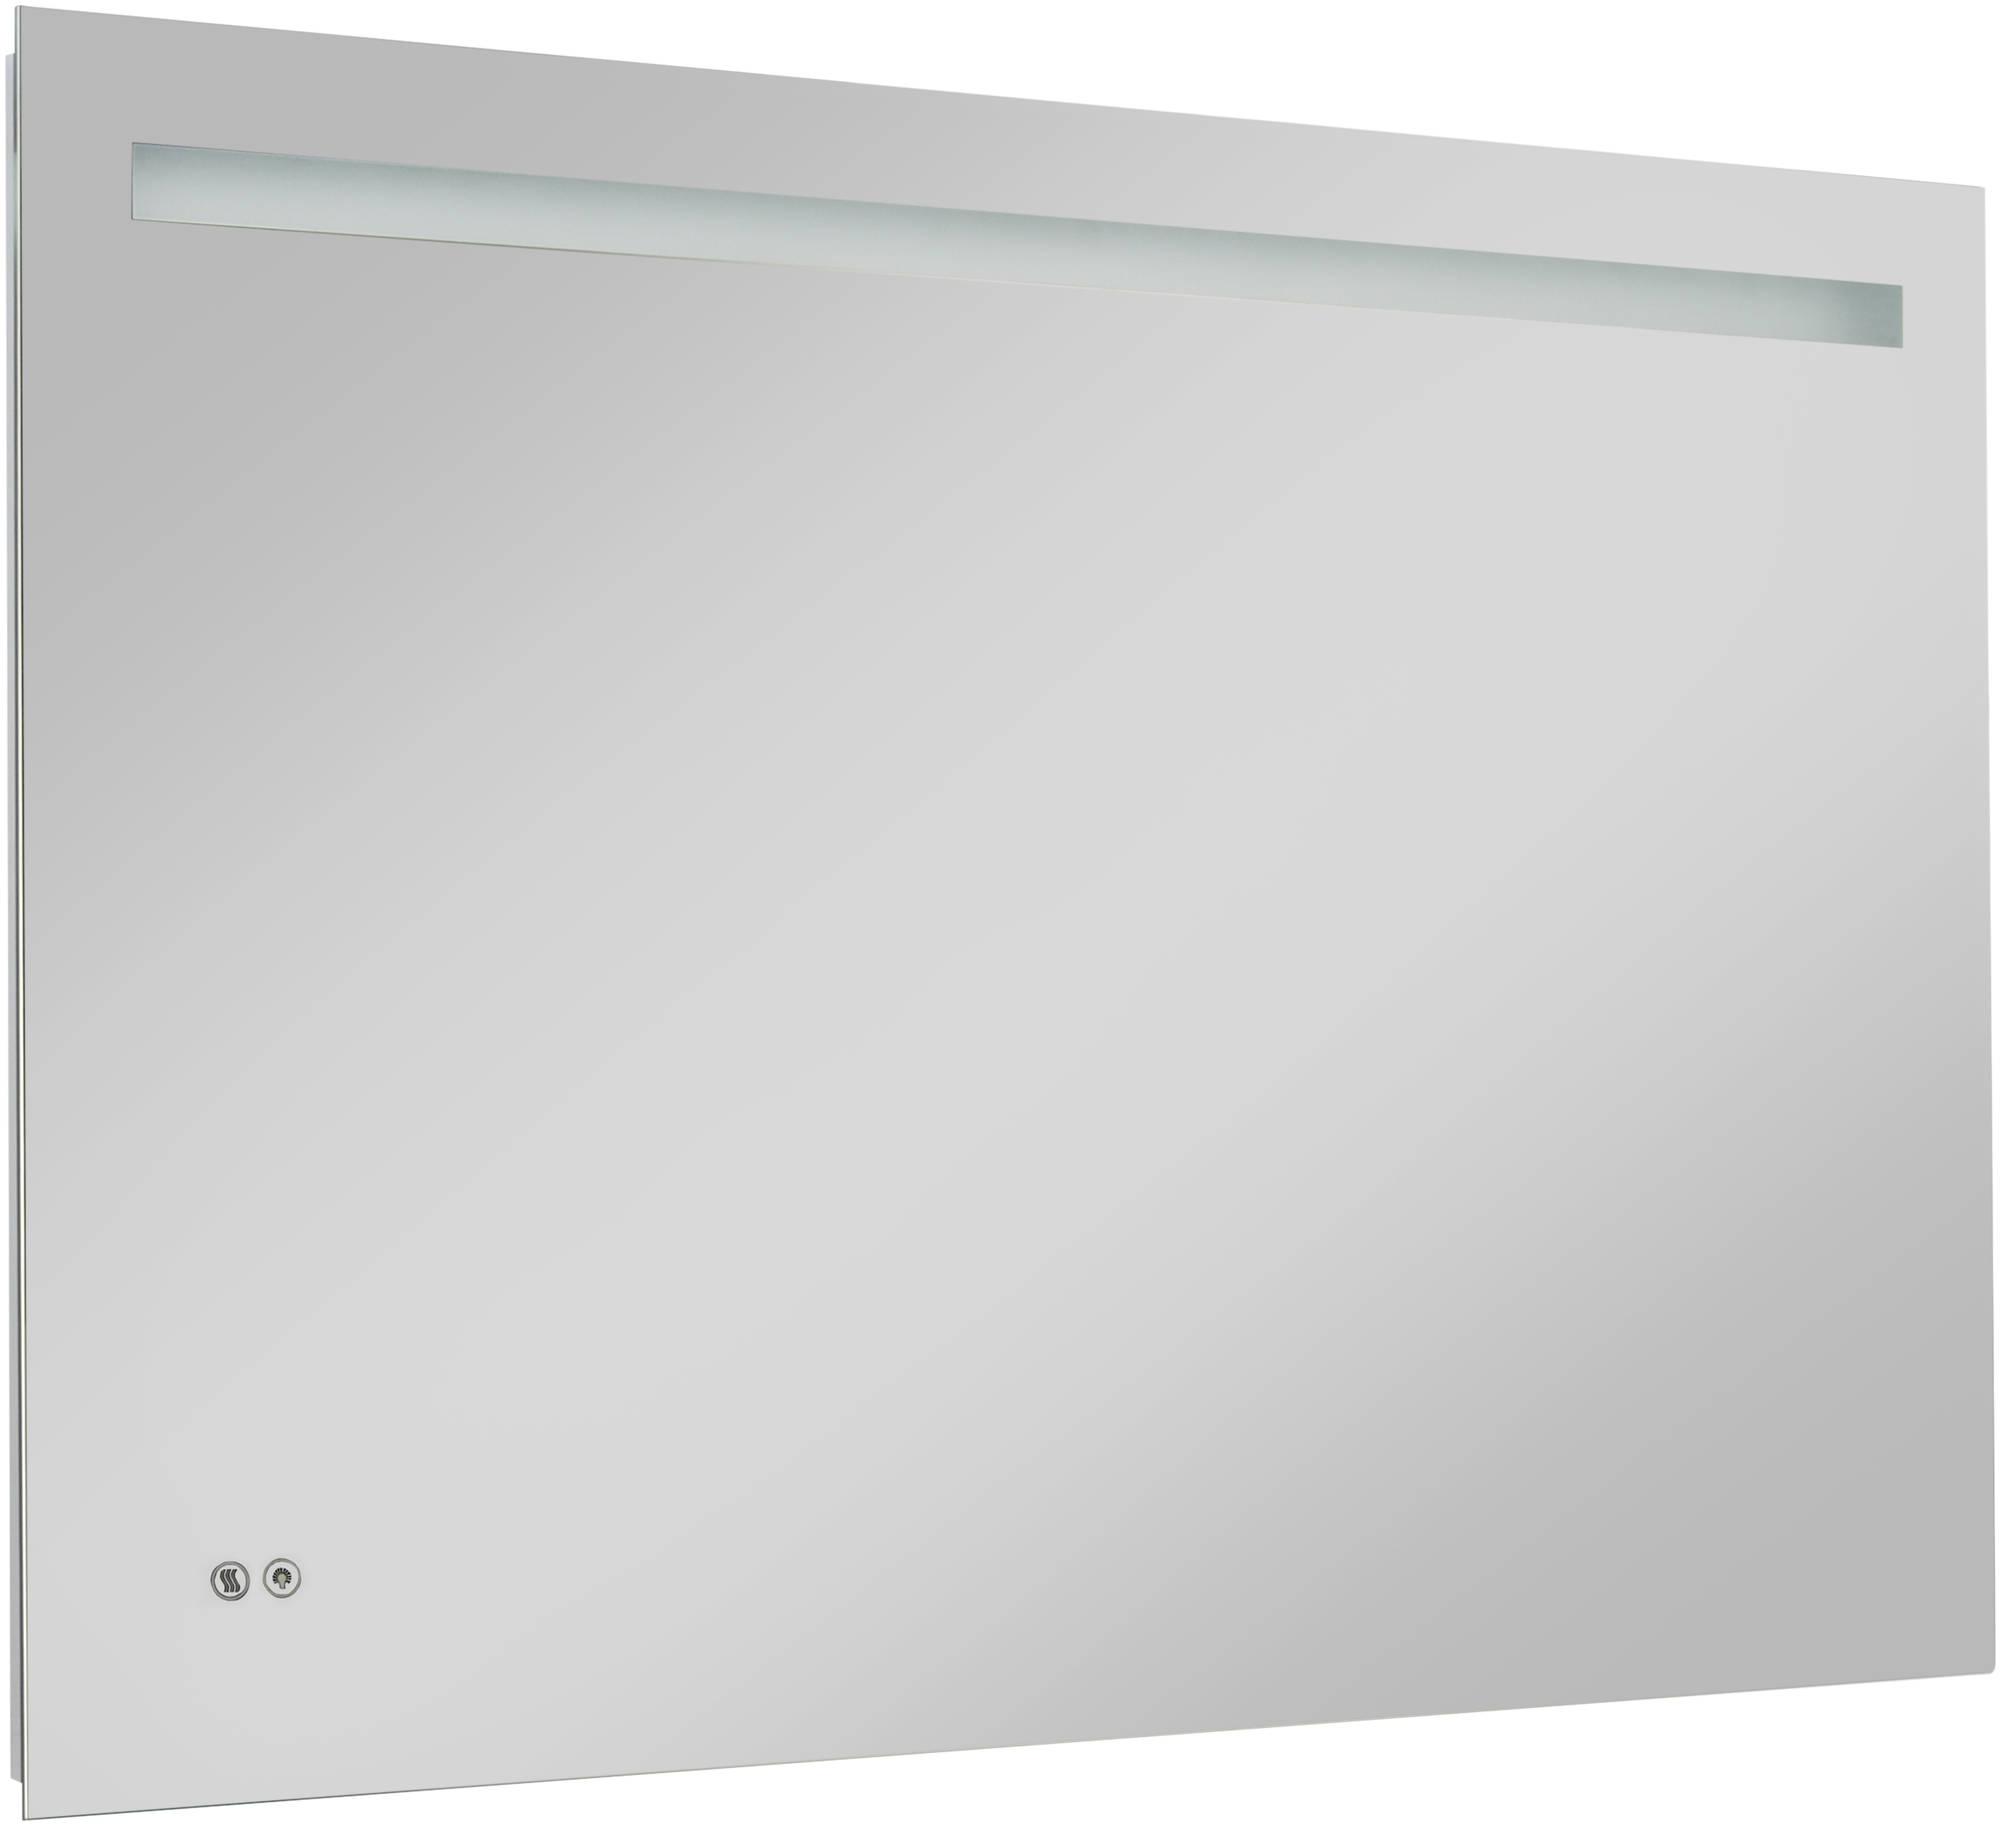 Ben Freya spiegel met verlichting en spiegelverwarming (touchbediening) 60x70 cm